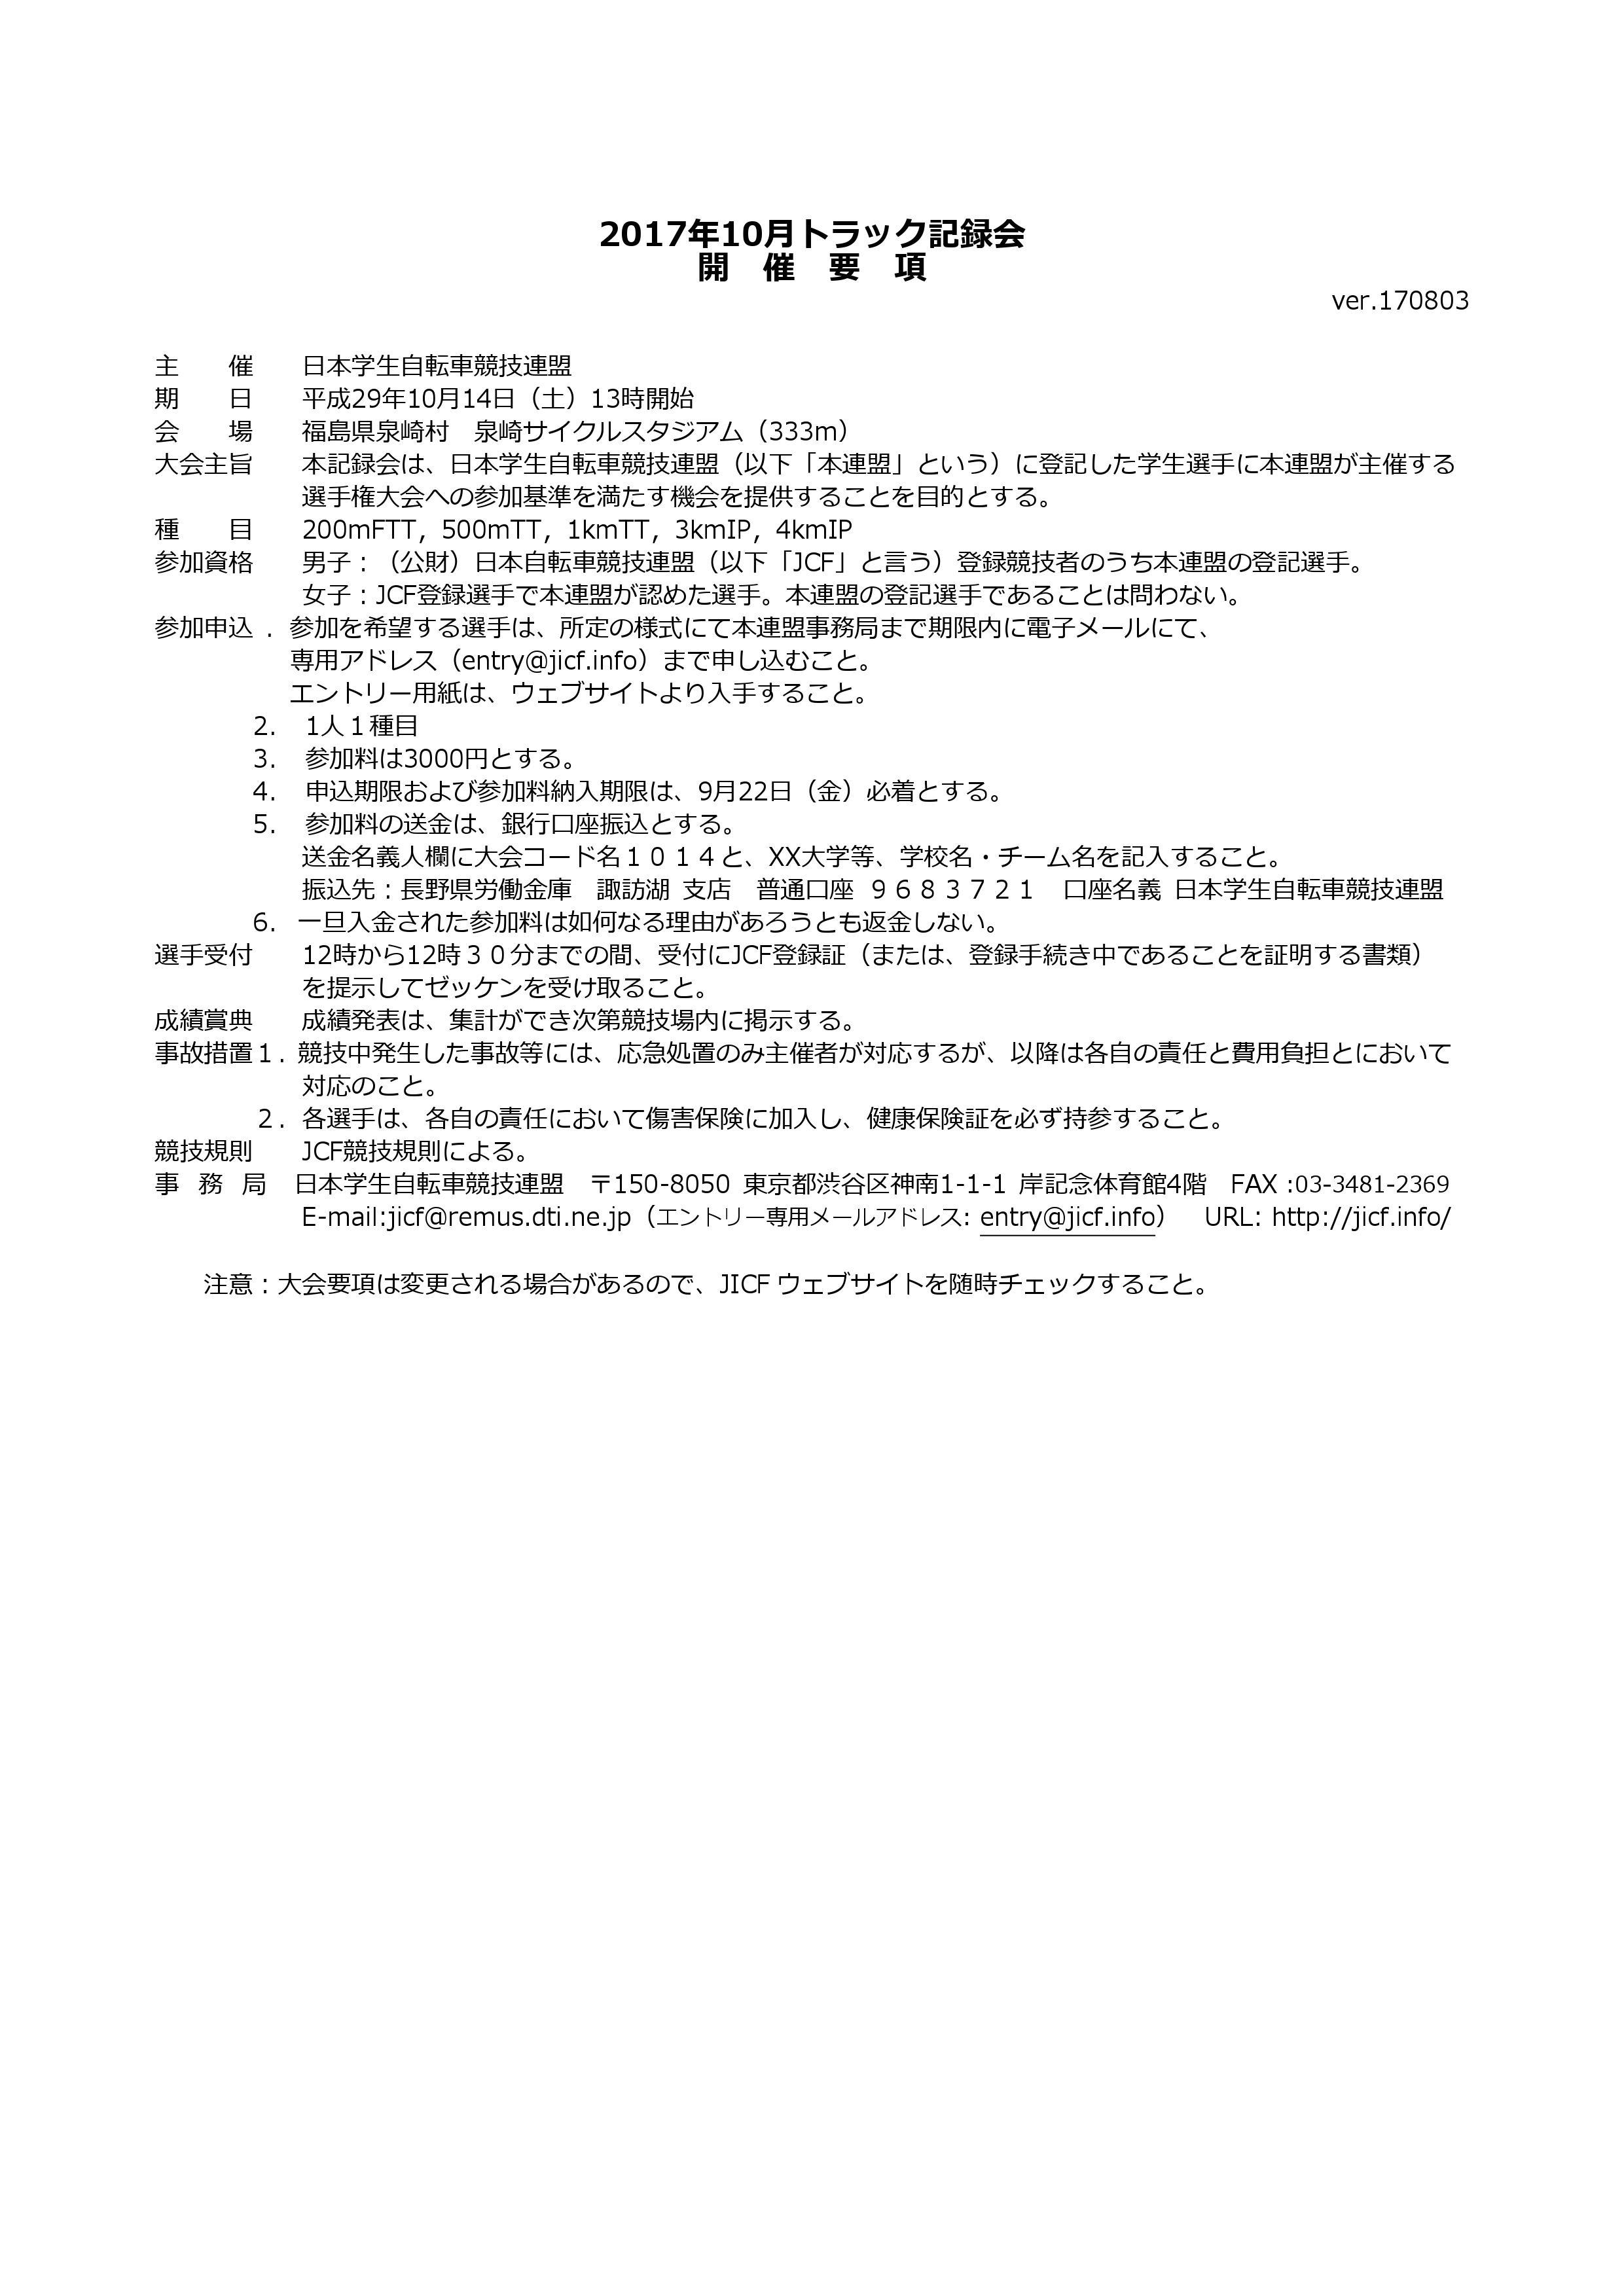 16trs01_yoko_160327